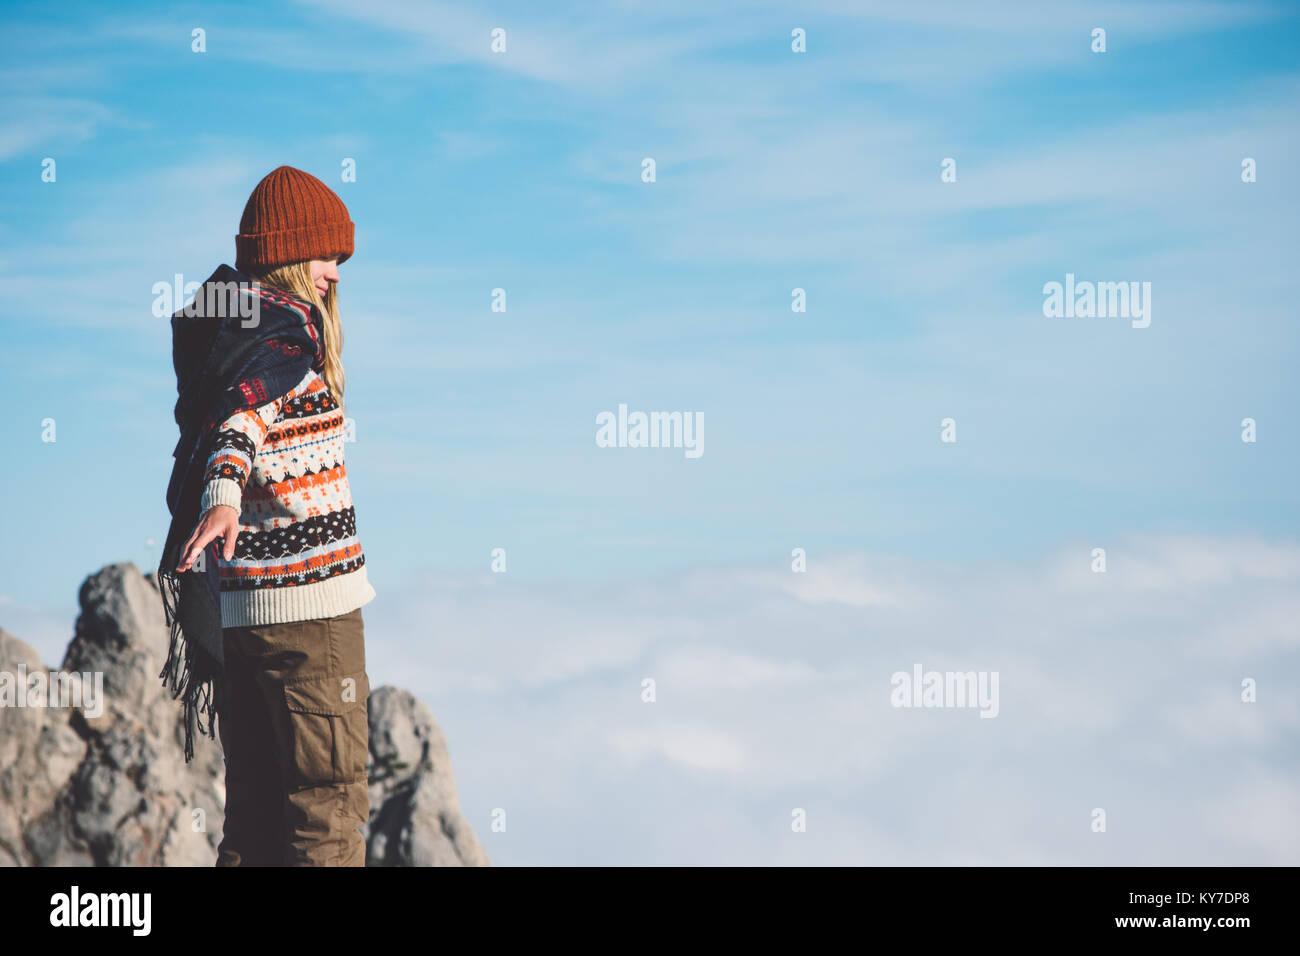 Frau am Gipfel Himmel Wolken im Hintergrund Reisen Lifestyle Konzept Abenteuer Urlaub Outdoor tragen Schal und Pullover Stockbild